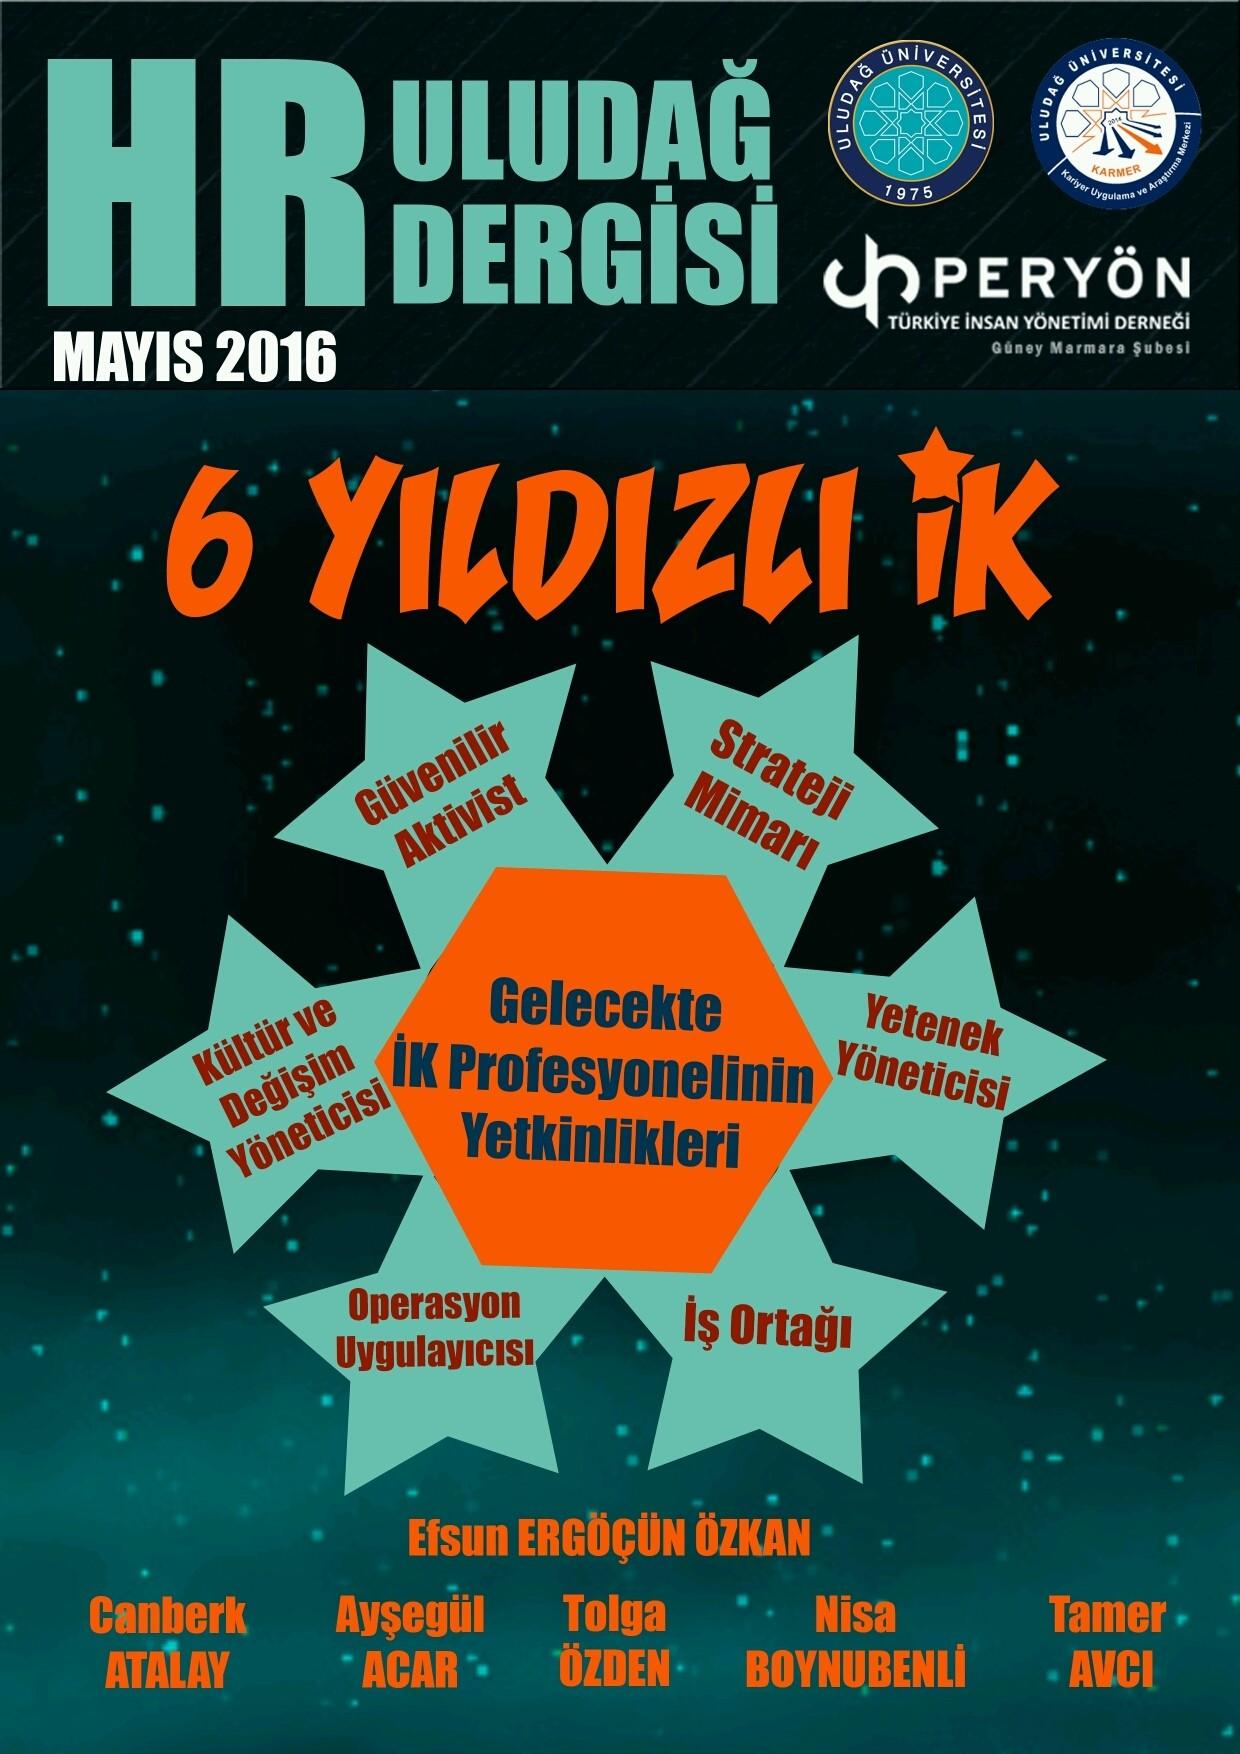 HR ULUDAĞ DERGİSİ - Magazine cover